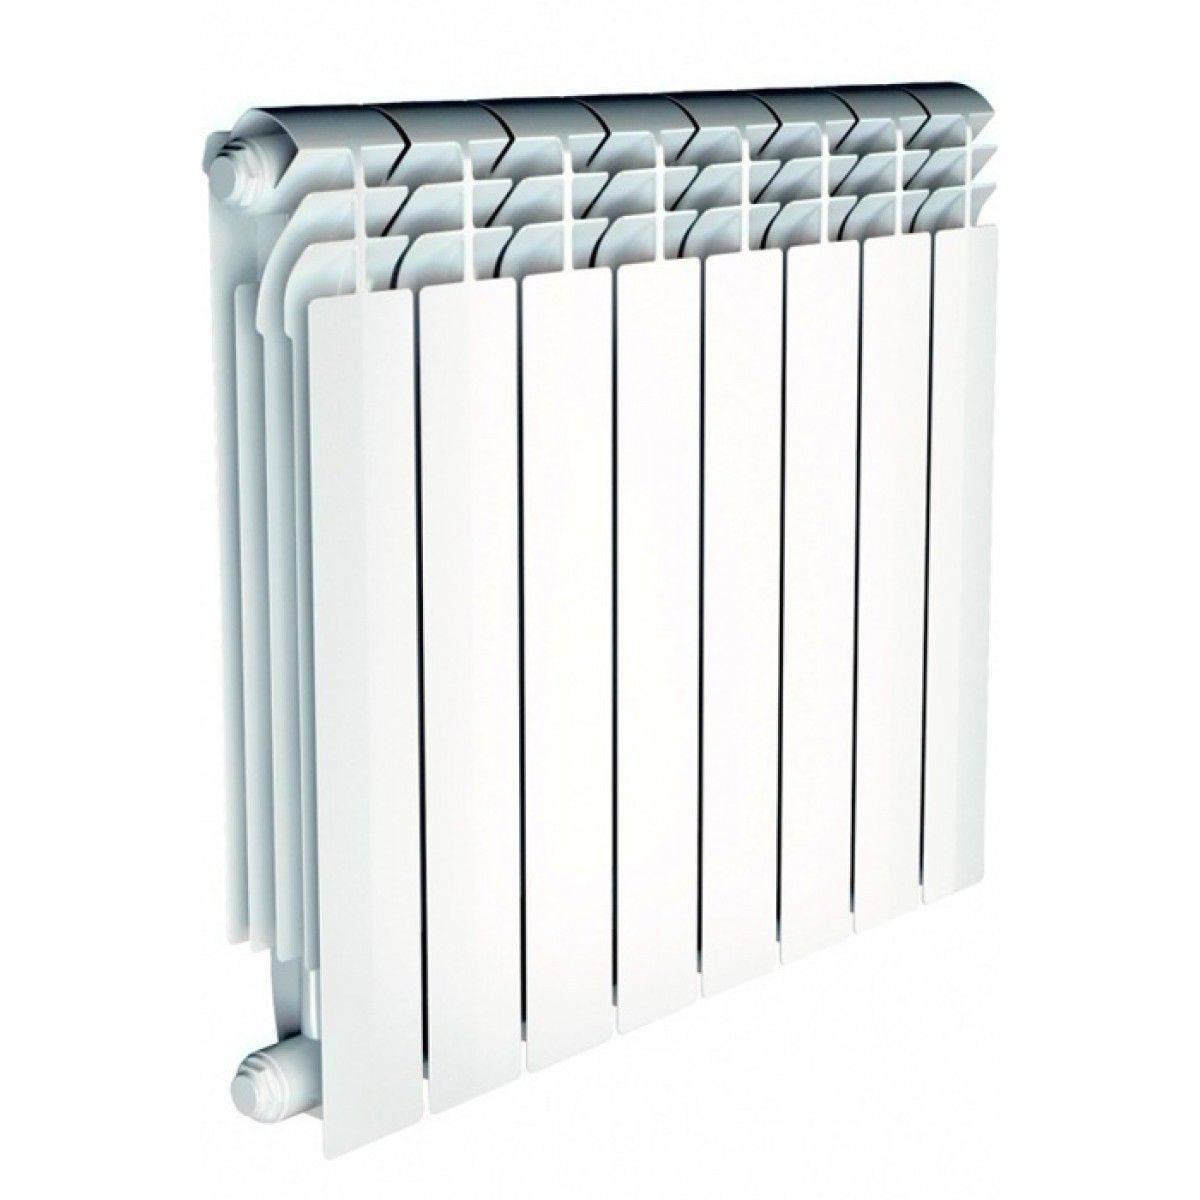 Биметаллические радиаторы sira: цена в москве за батареи отопления - 12, 10, 8 секций